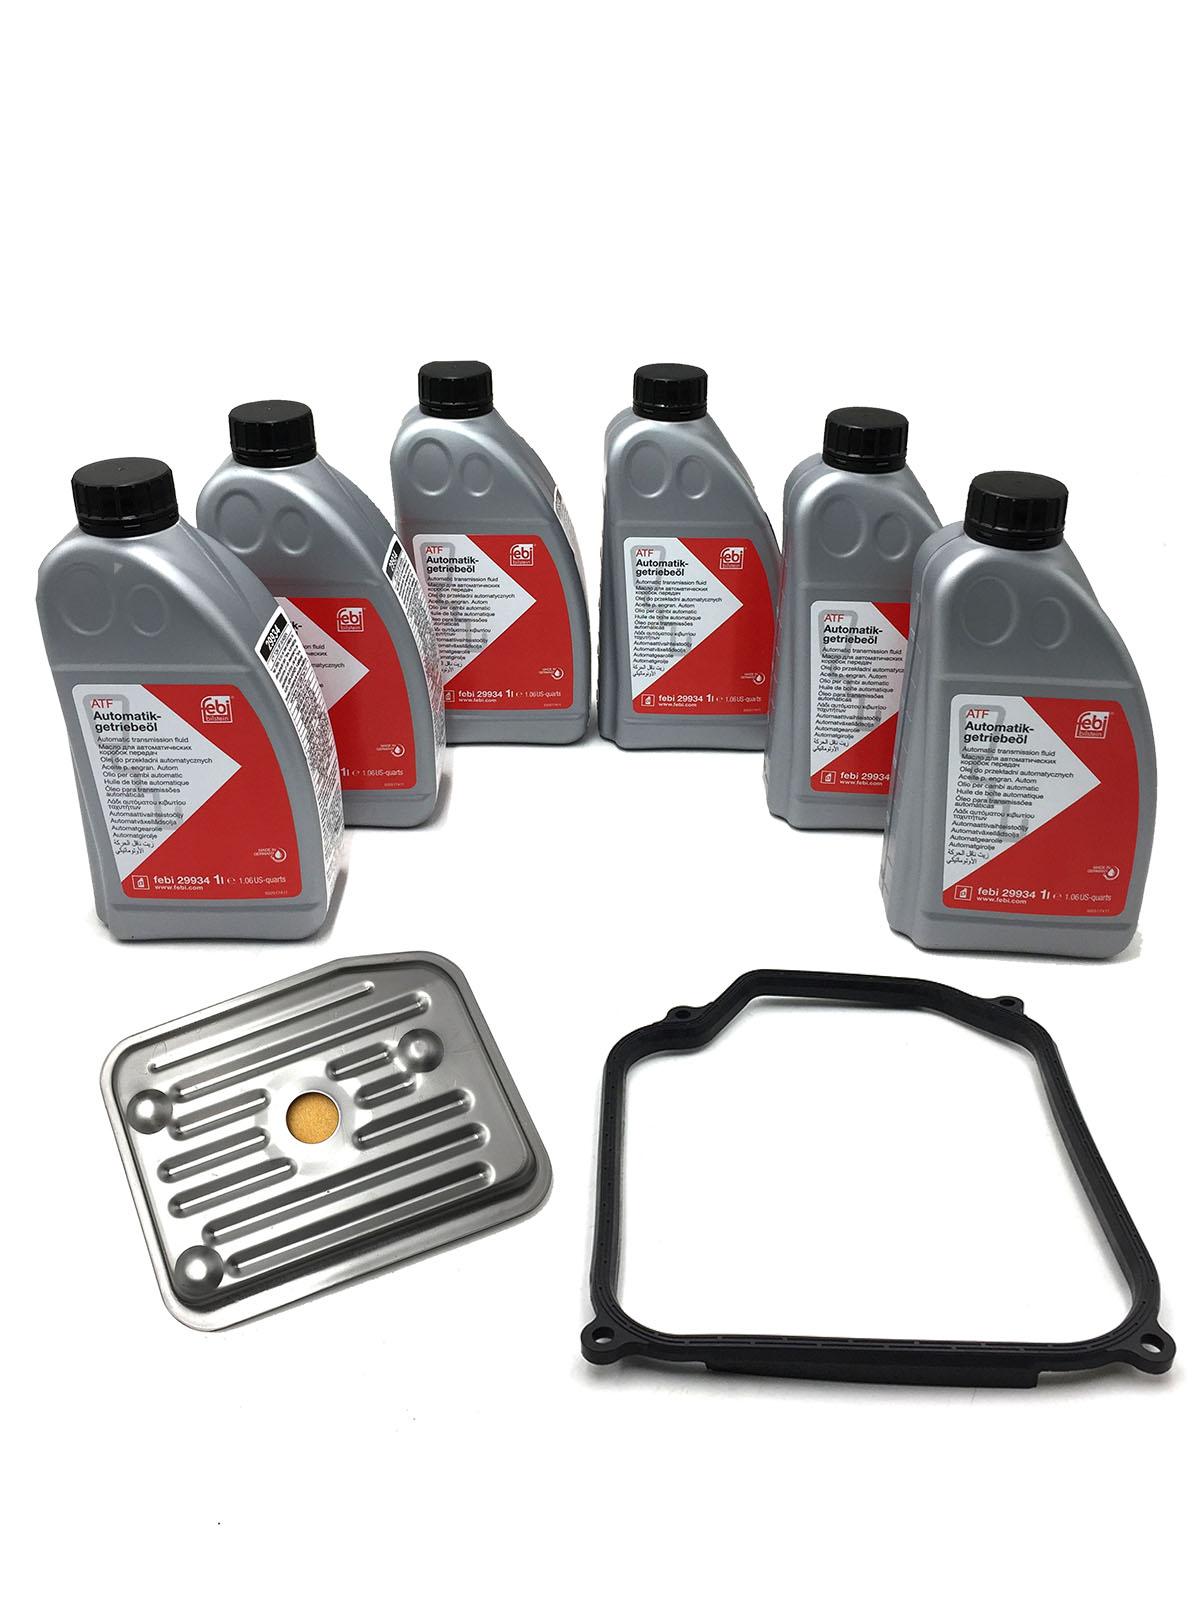 Kit Troca de Óleo Febi 29934 (6Lts) - Câmbio 01M - Audi, Seat e VW